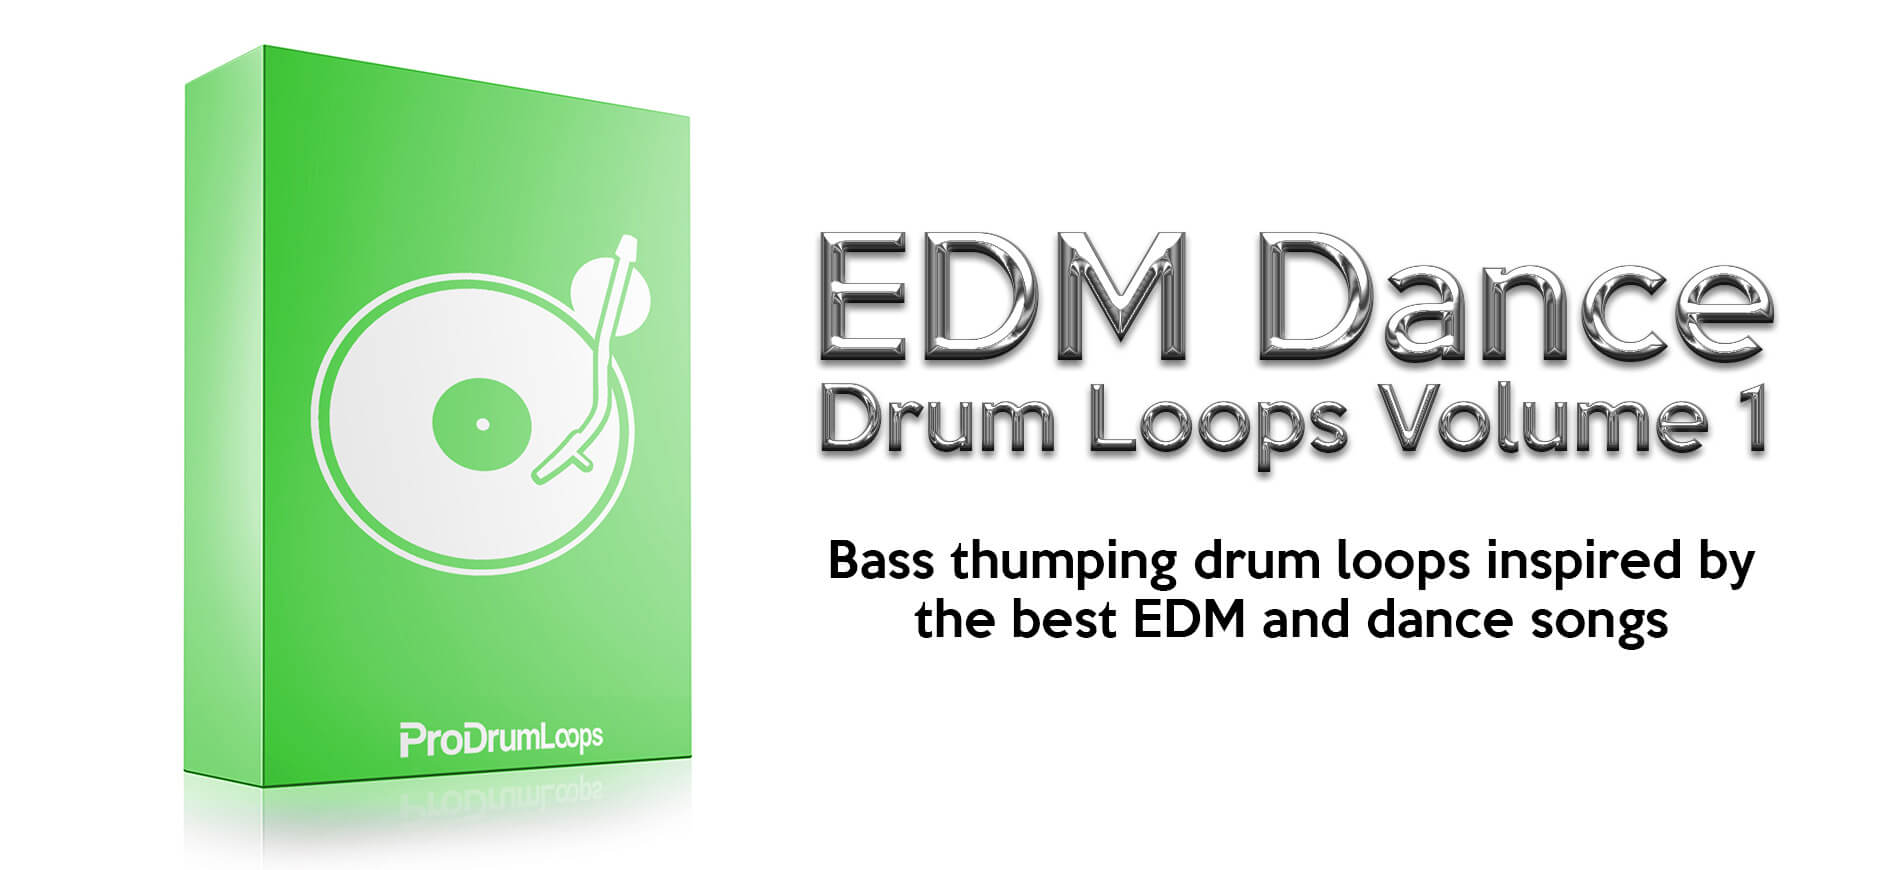 EDM Dance Drum Loops by Pro Drum Loops